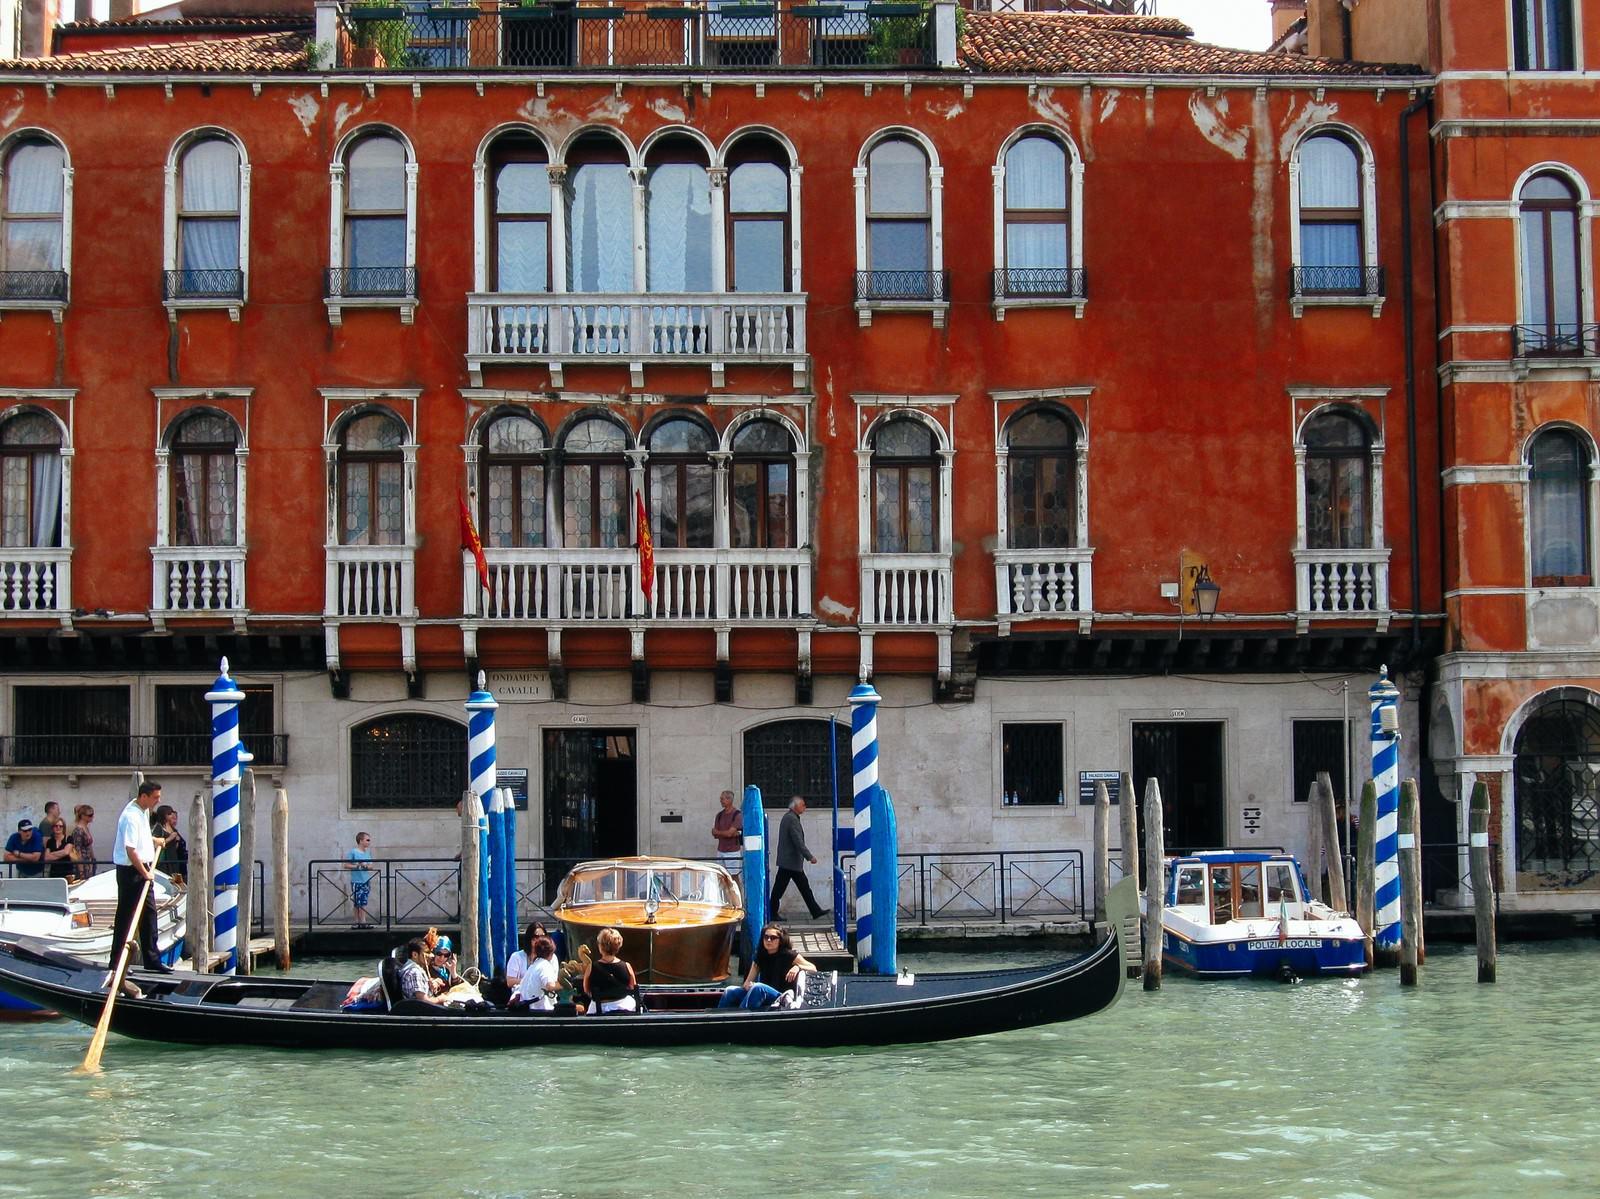 「ヴェネツィアにある川の船着場に停まるゴンドラ(イタリア)」の写真